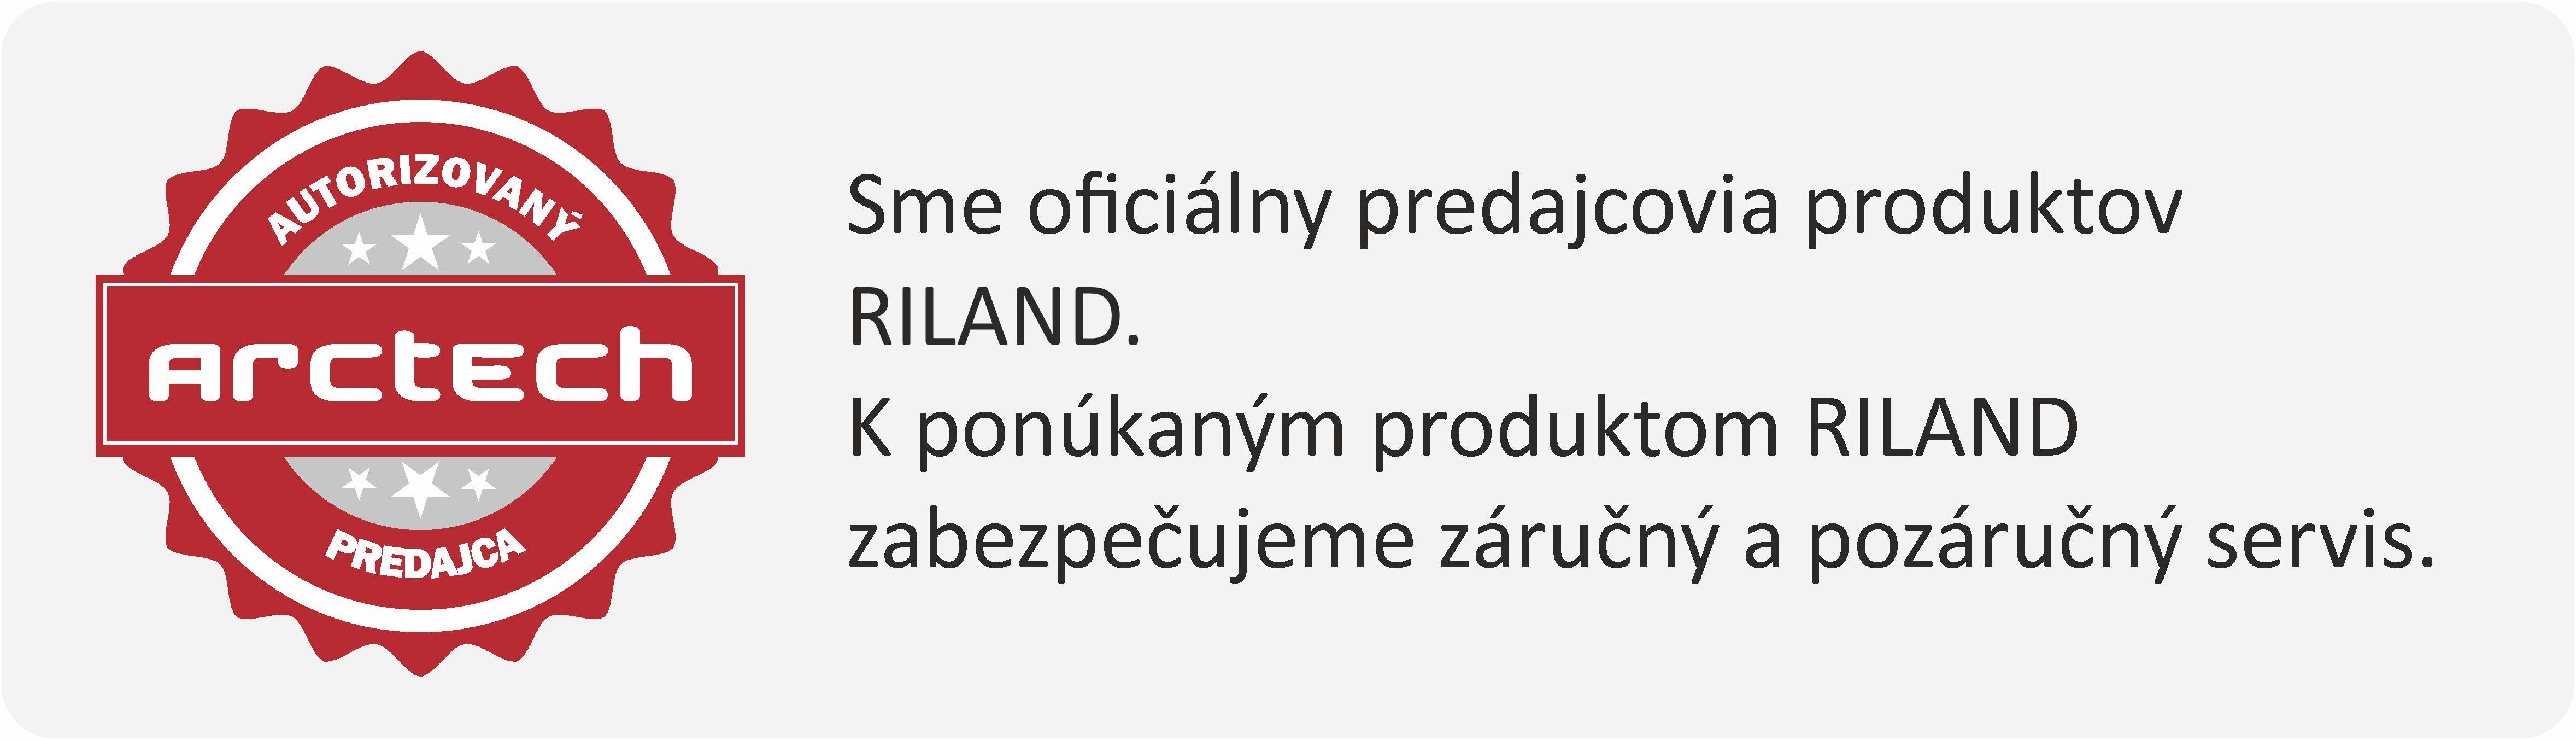 riland autorizovaný predajca